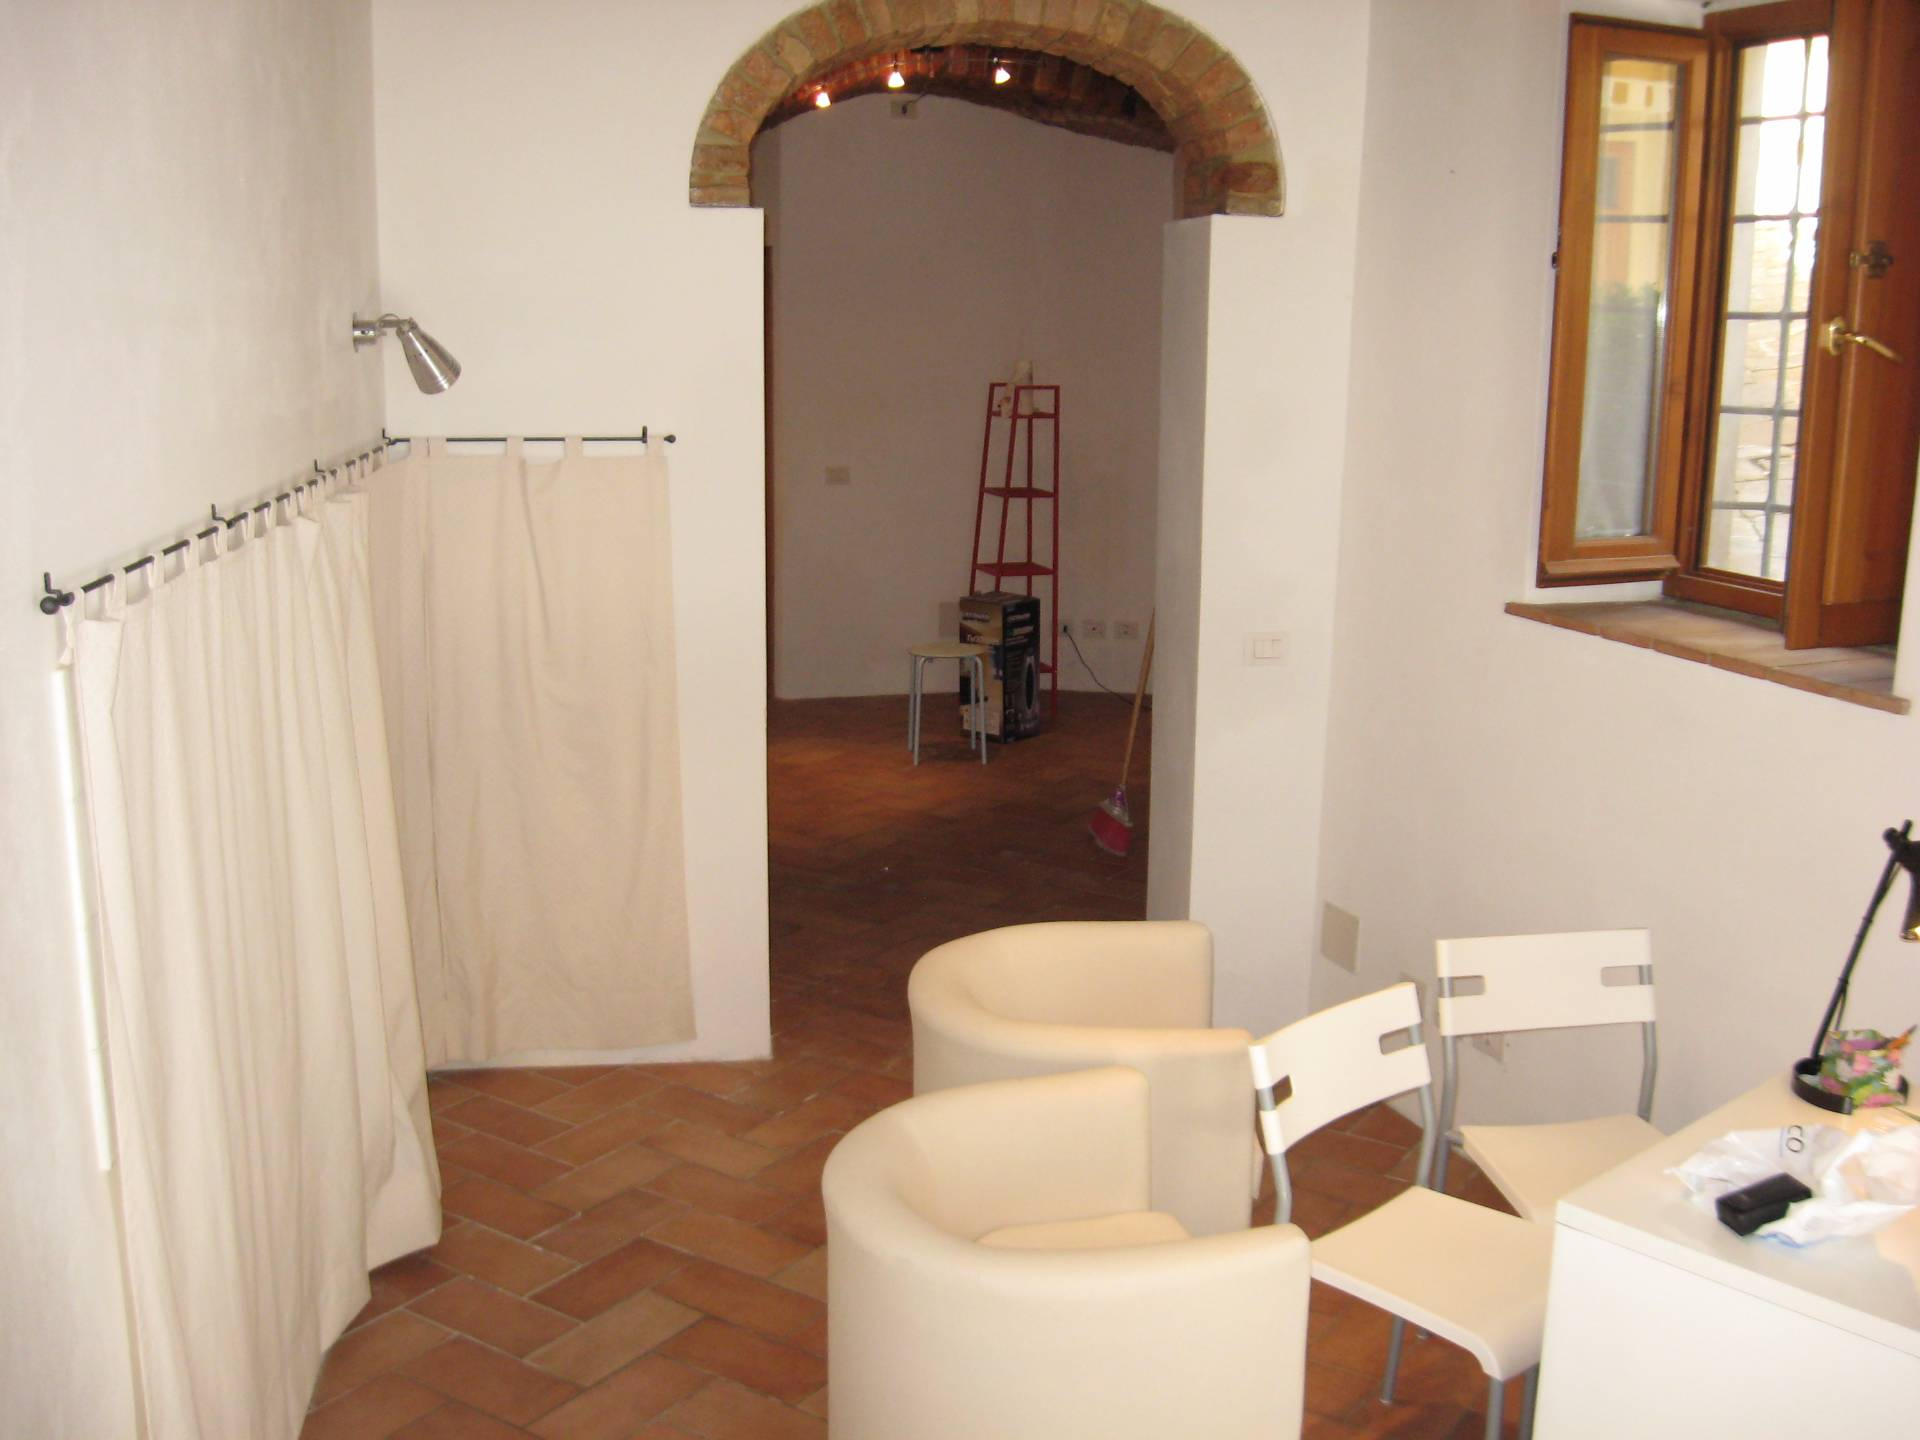 Magazzino in vendita a Montespertoli, 1 locali, prezzo € 30.000 | Cambio Casa.it